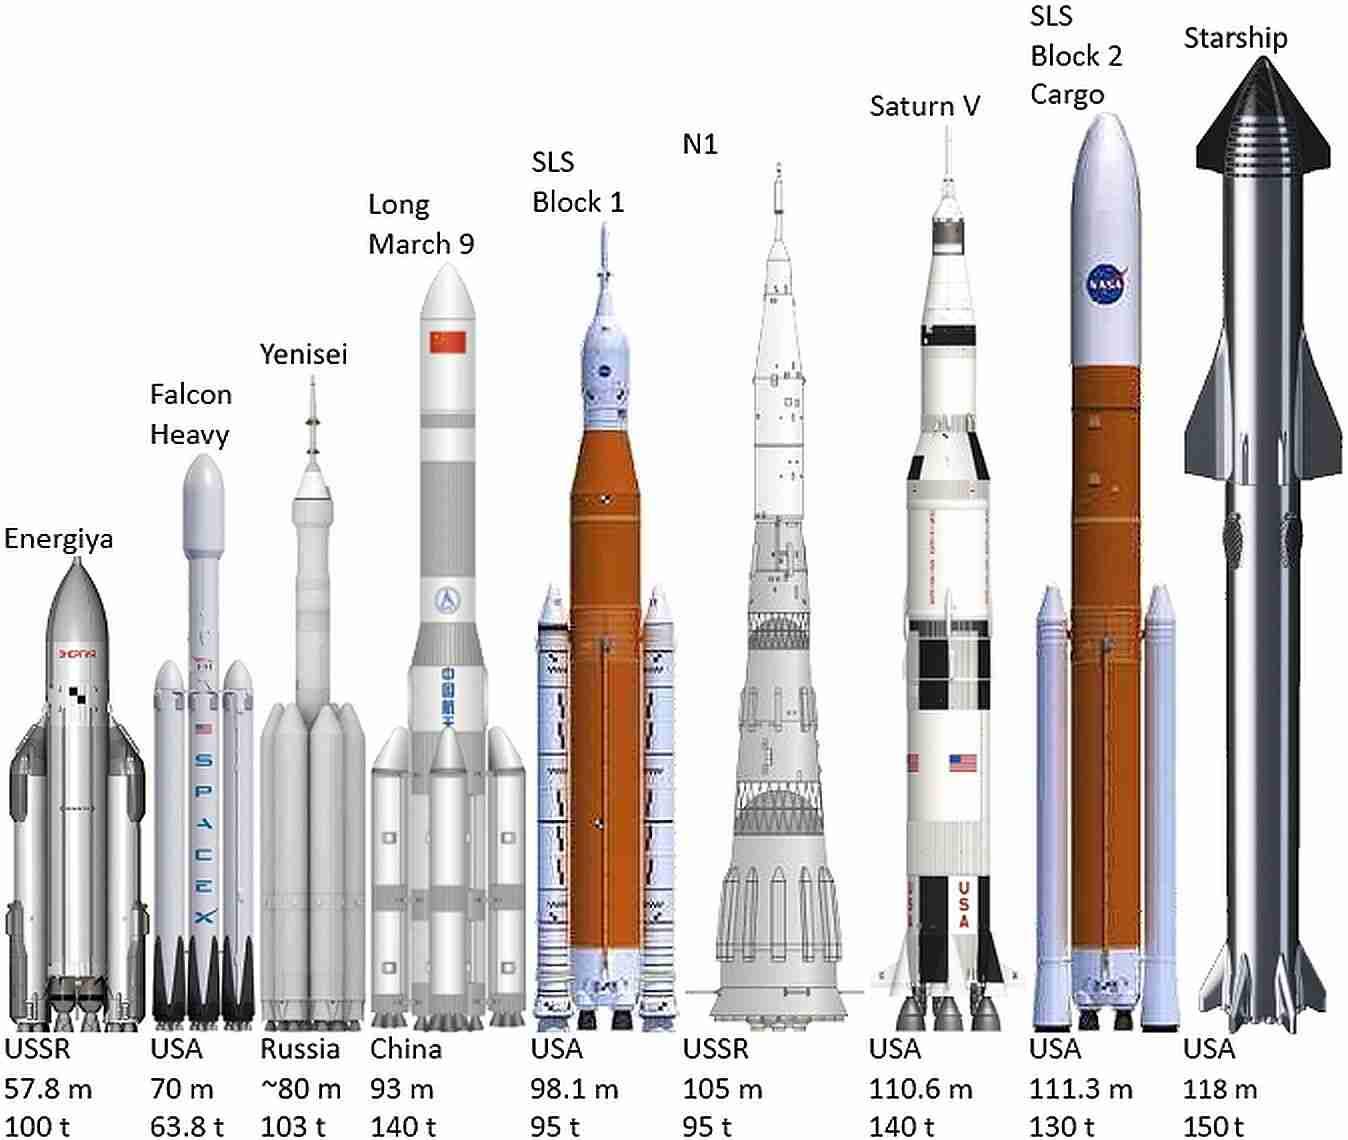 Mars-a-gidecek-yıldız-gemisi-neden-çelikten-yapıldı